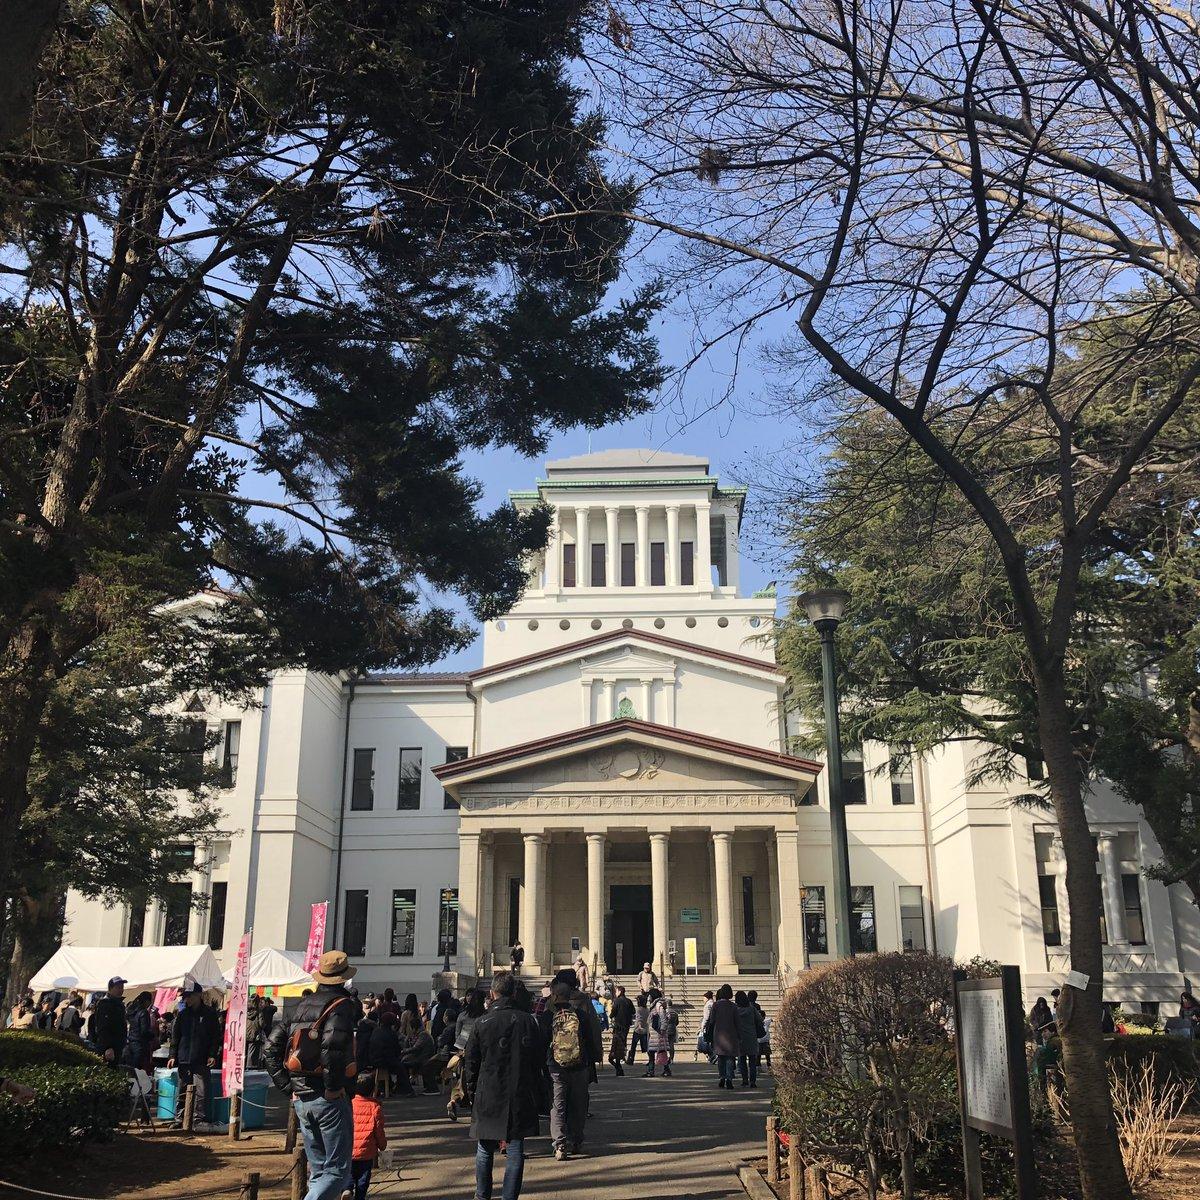 #リーガルV の裁判所設定でした #大倉山記念館...